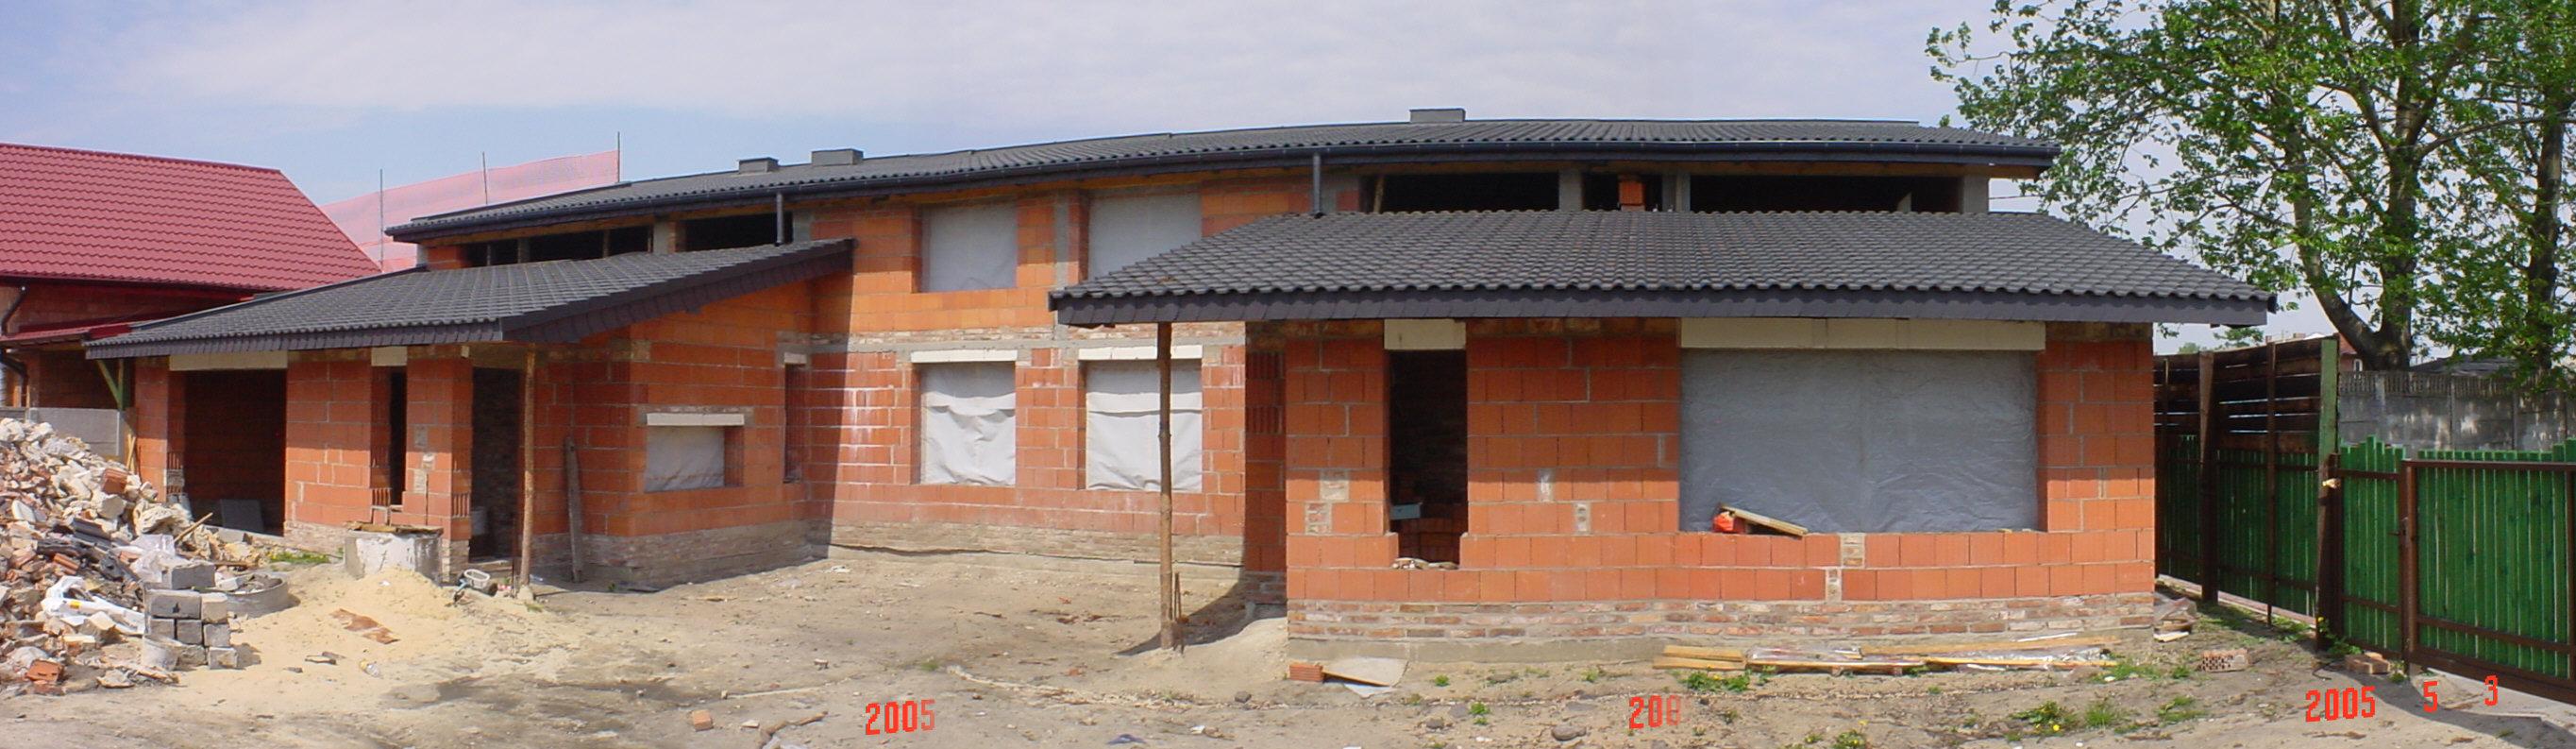 Panorama 3maj2005